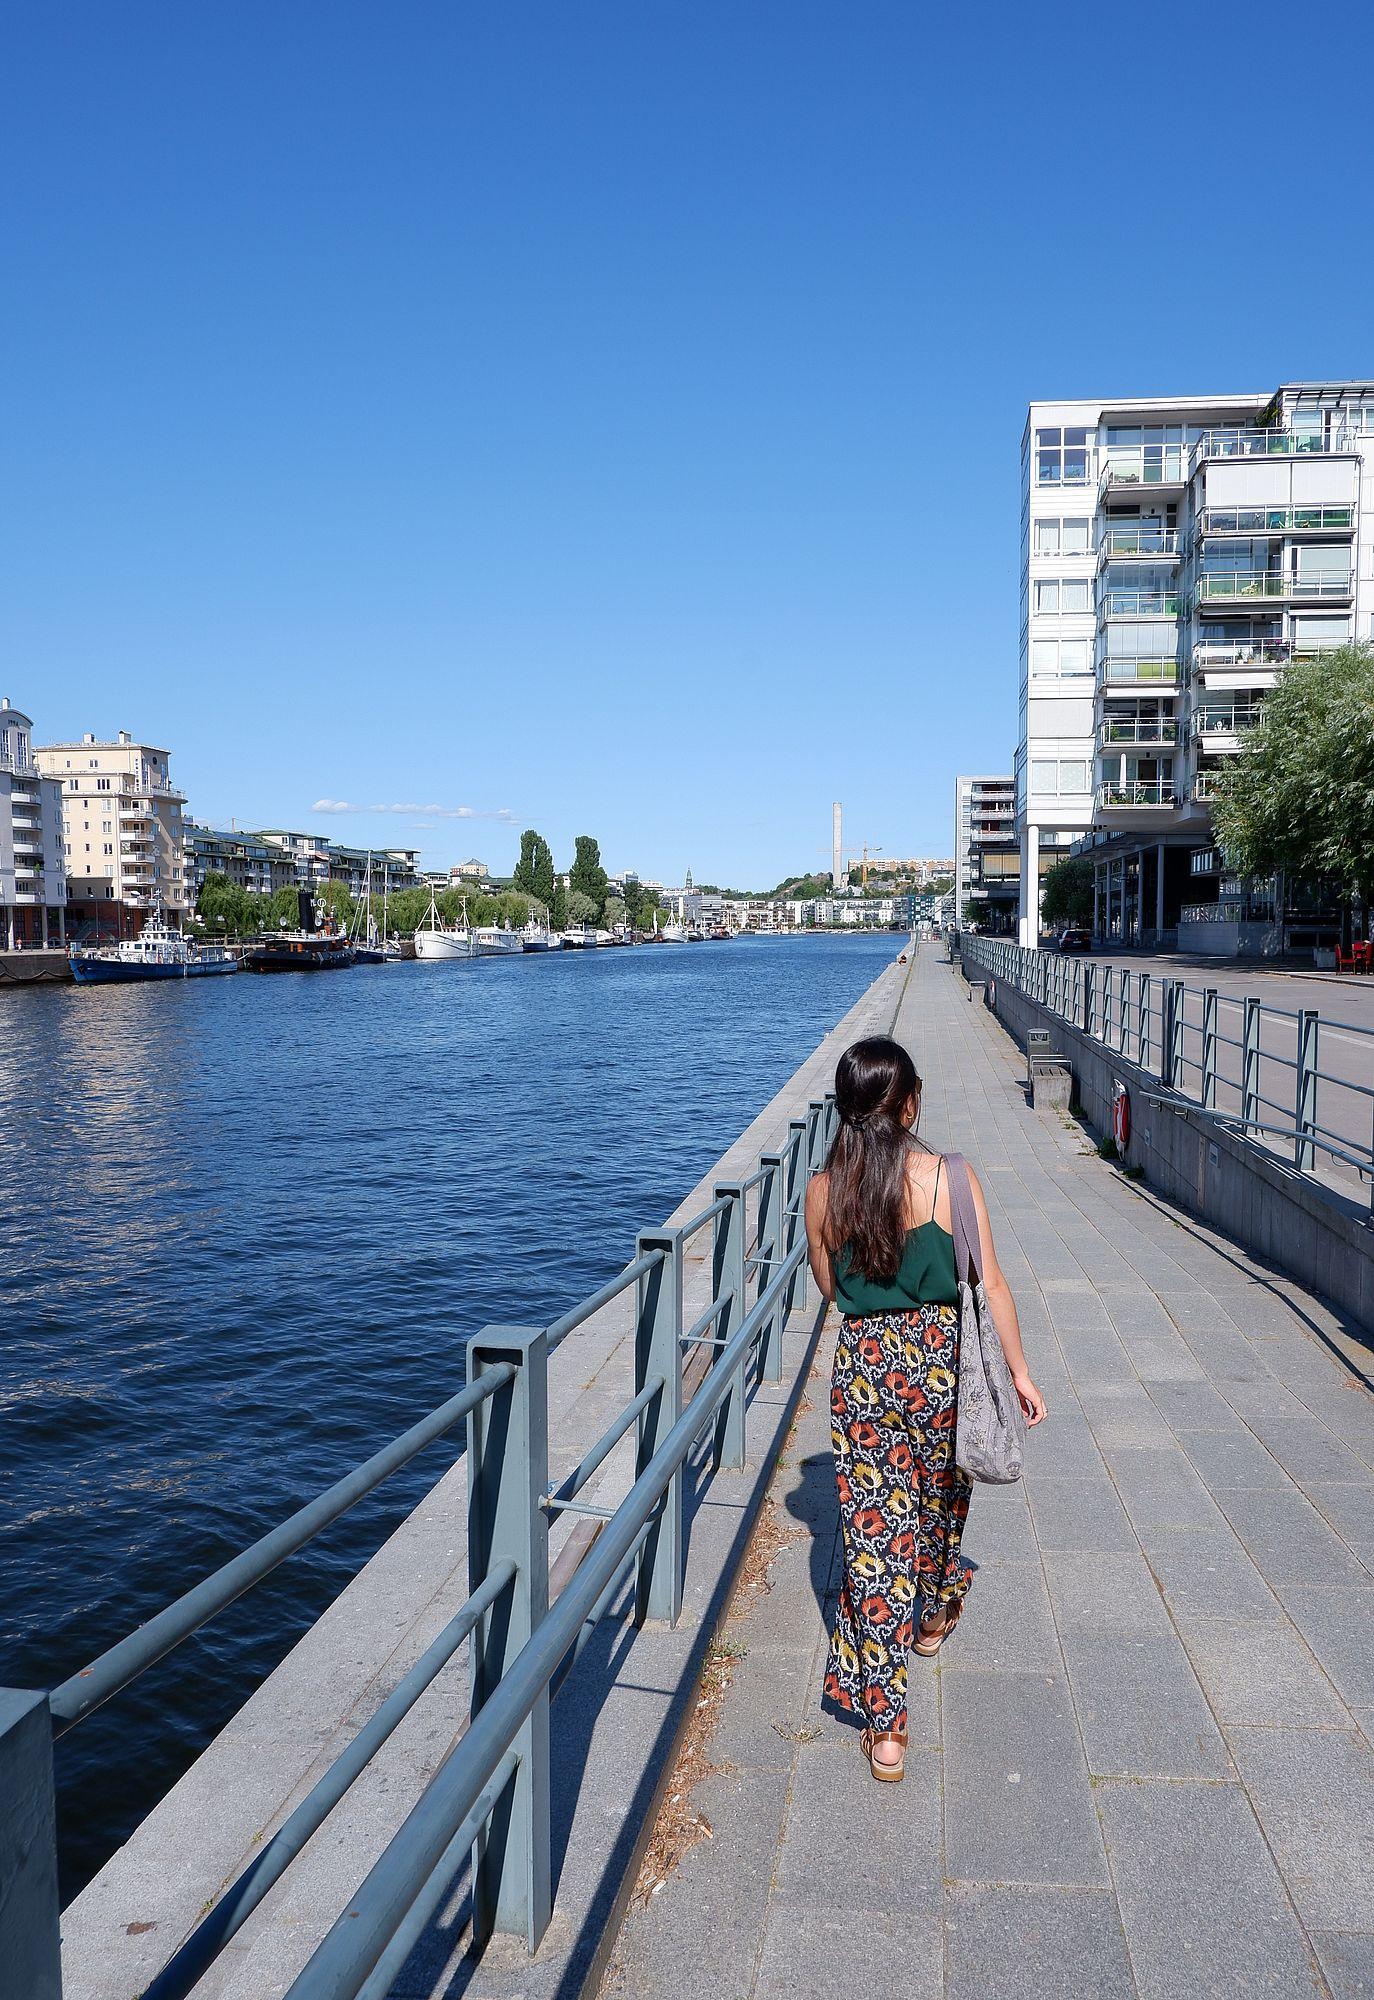 Marina sur un chemin bétonné au bord de l'eau